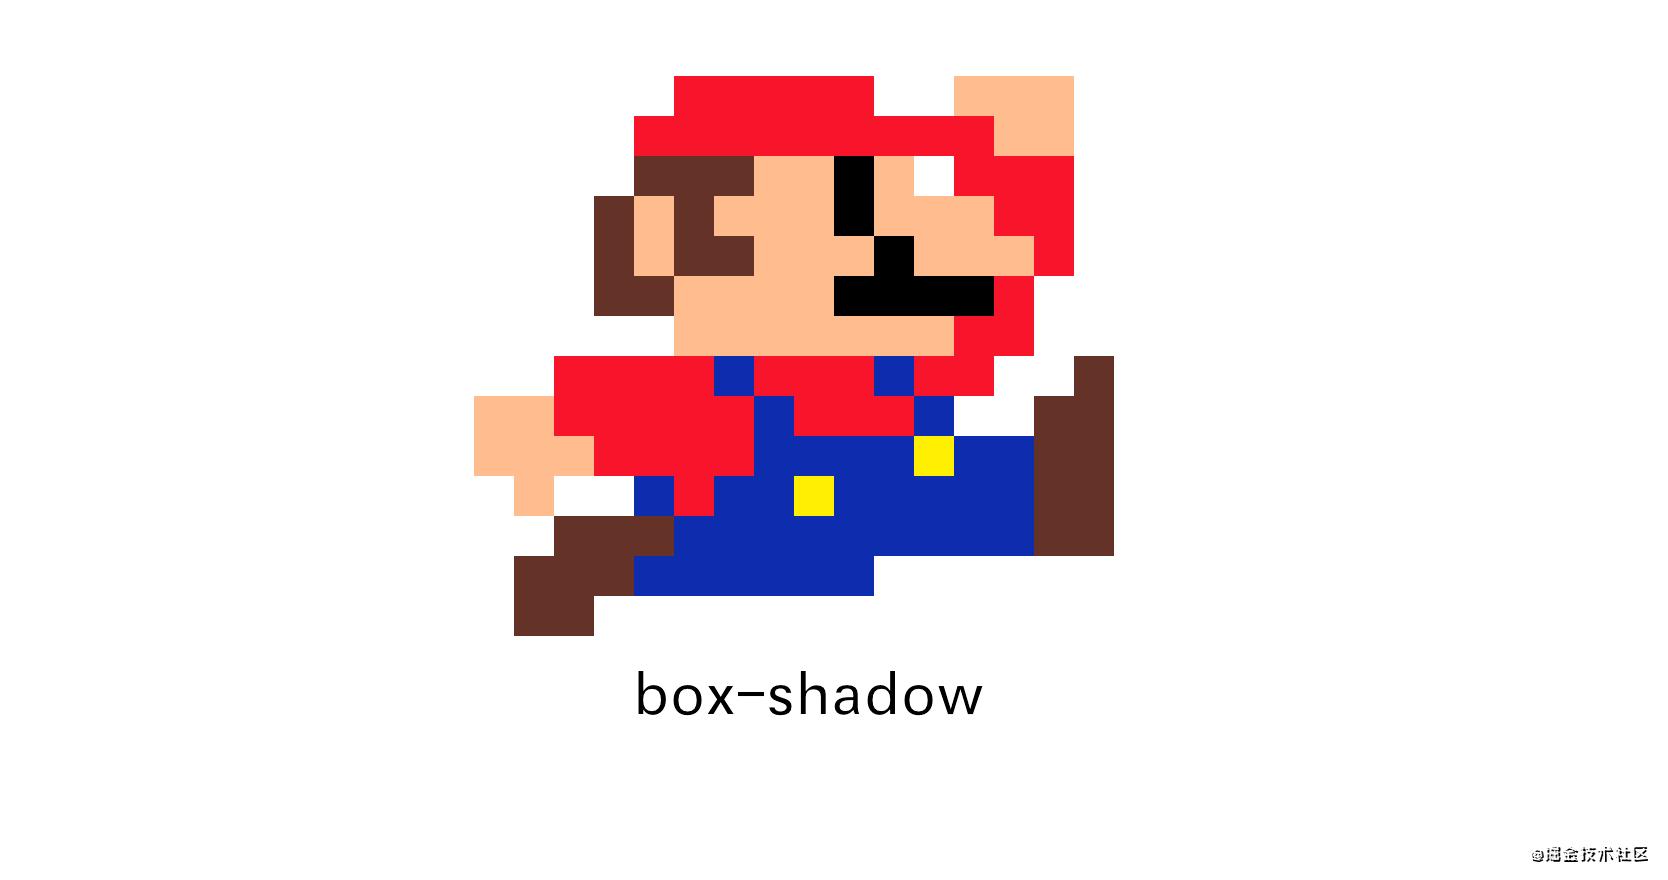 [转][城会玩]用 CSS 画个马里奥?box-shadow 的邪道用法~